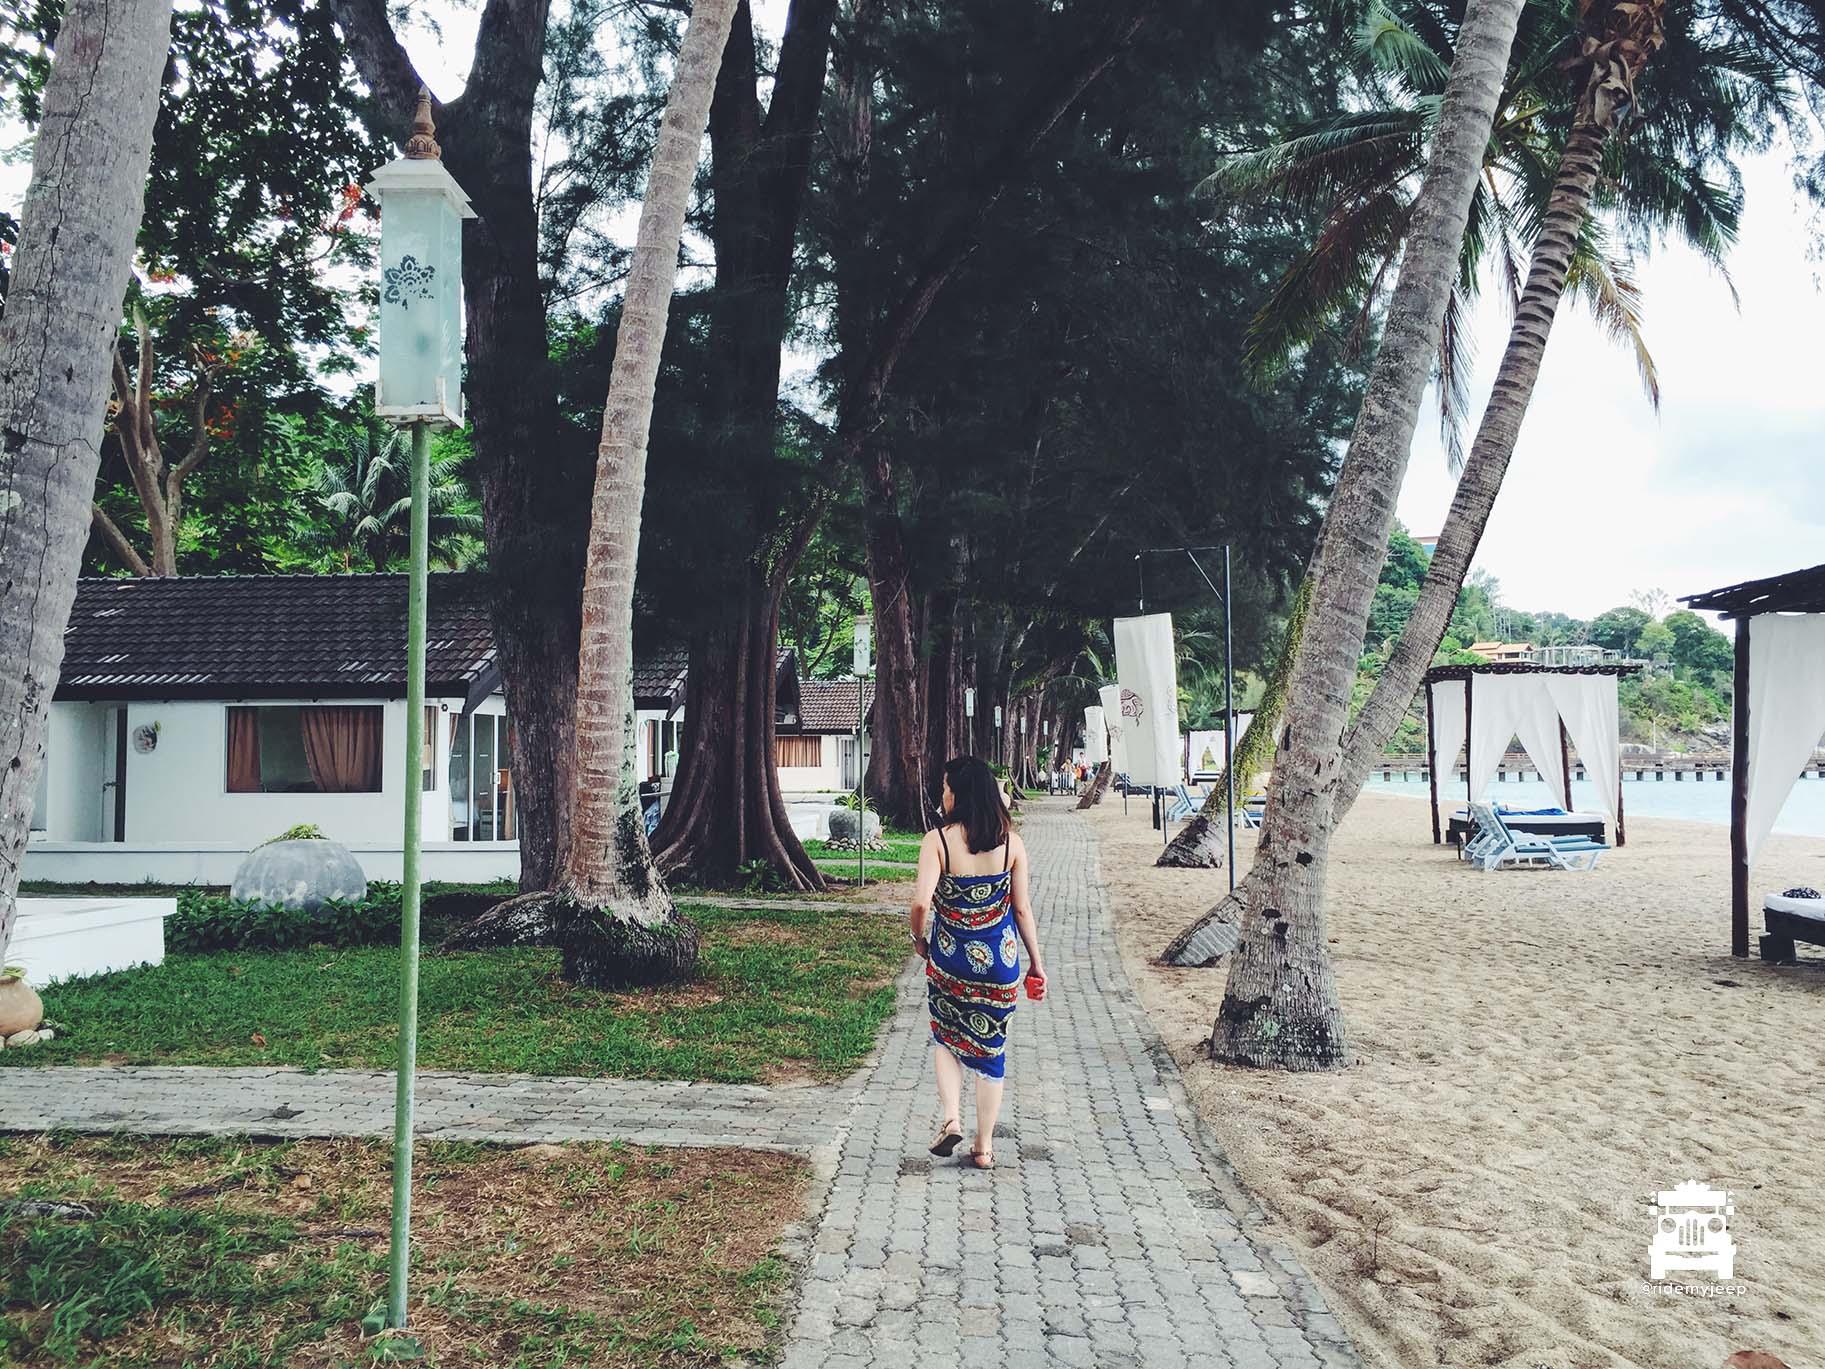 Exploring the resort